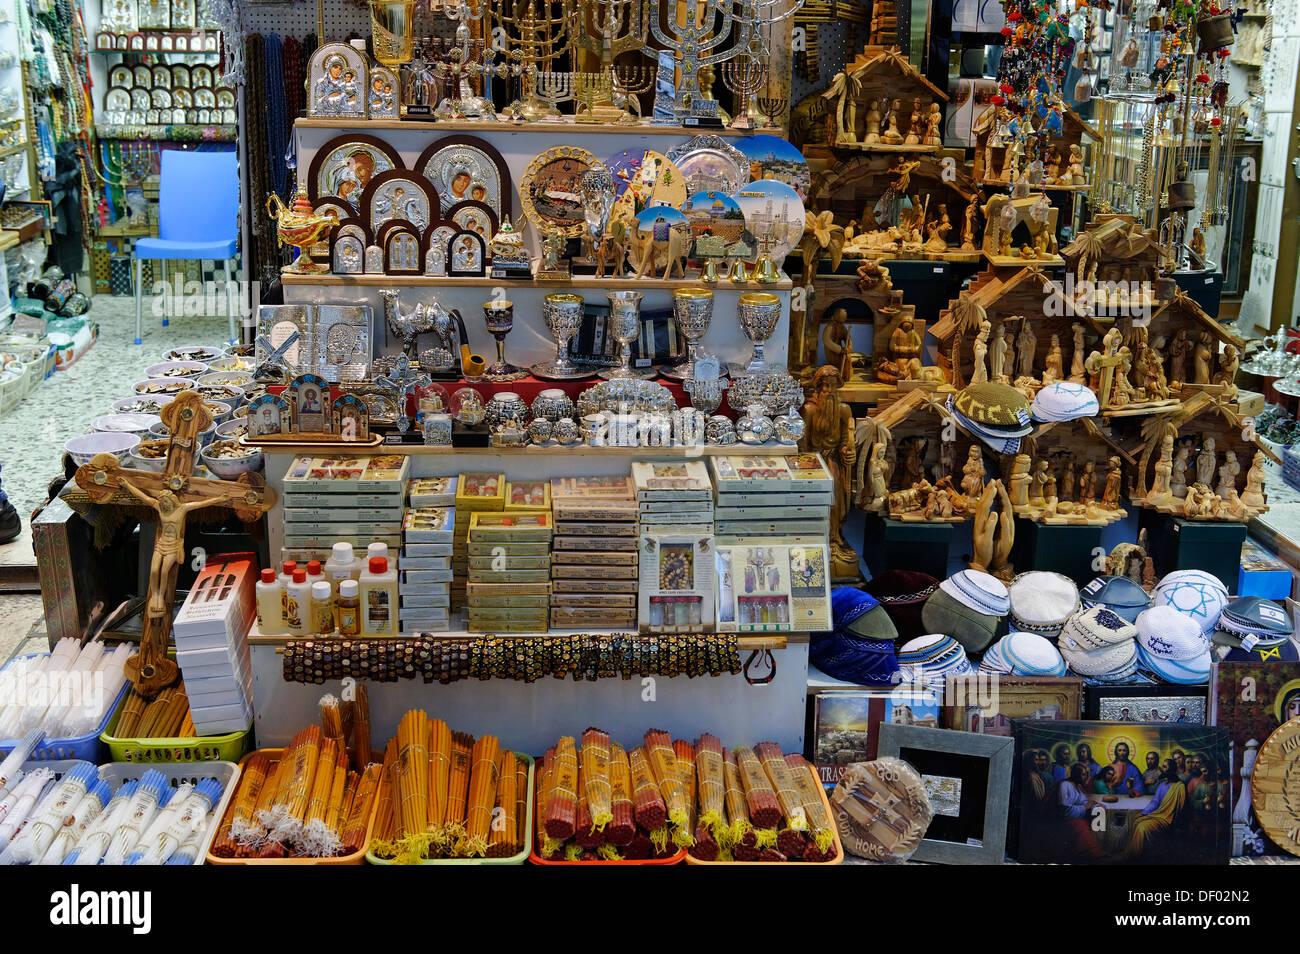 Vía Dolorosa, recuerdos religiosos, souvenirs, Bazar, Souk, casco antiguo de la ciudad, Jerusalén, Israel, Oriente Medio, Asia Imagen De Stock